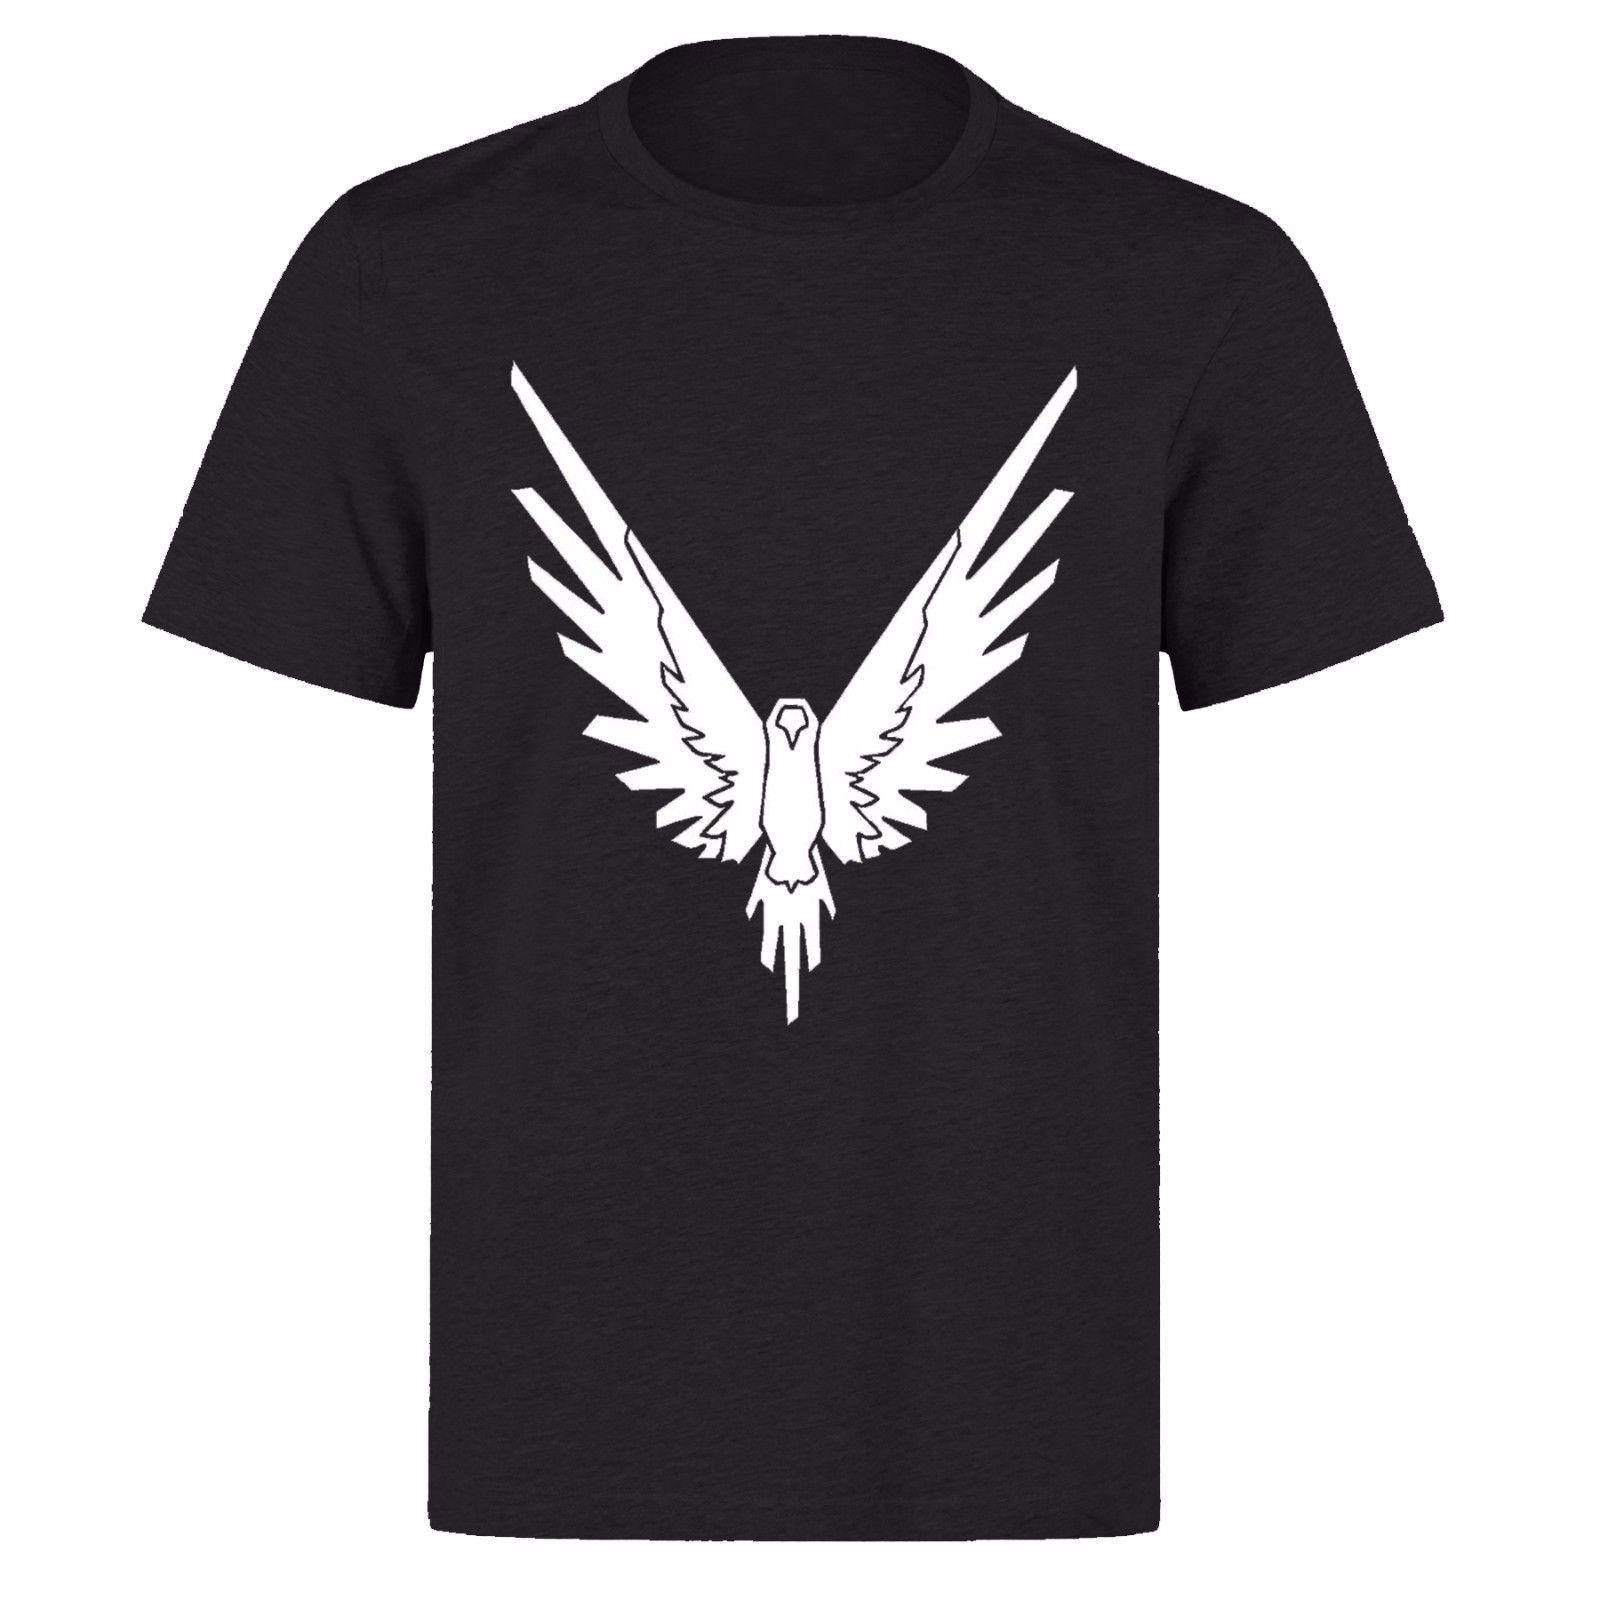 Logan Jake Paul Logan Sres Jp Youtuber Blogger de tamaño de los niños T camisa Casual orgullo t camisa de los hombres Unisex nuevo la camiseta de la moda